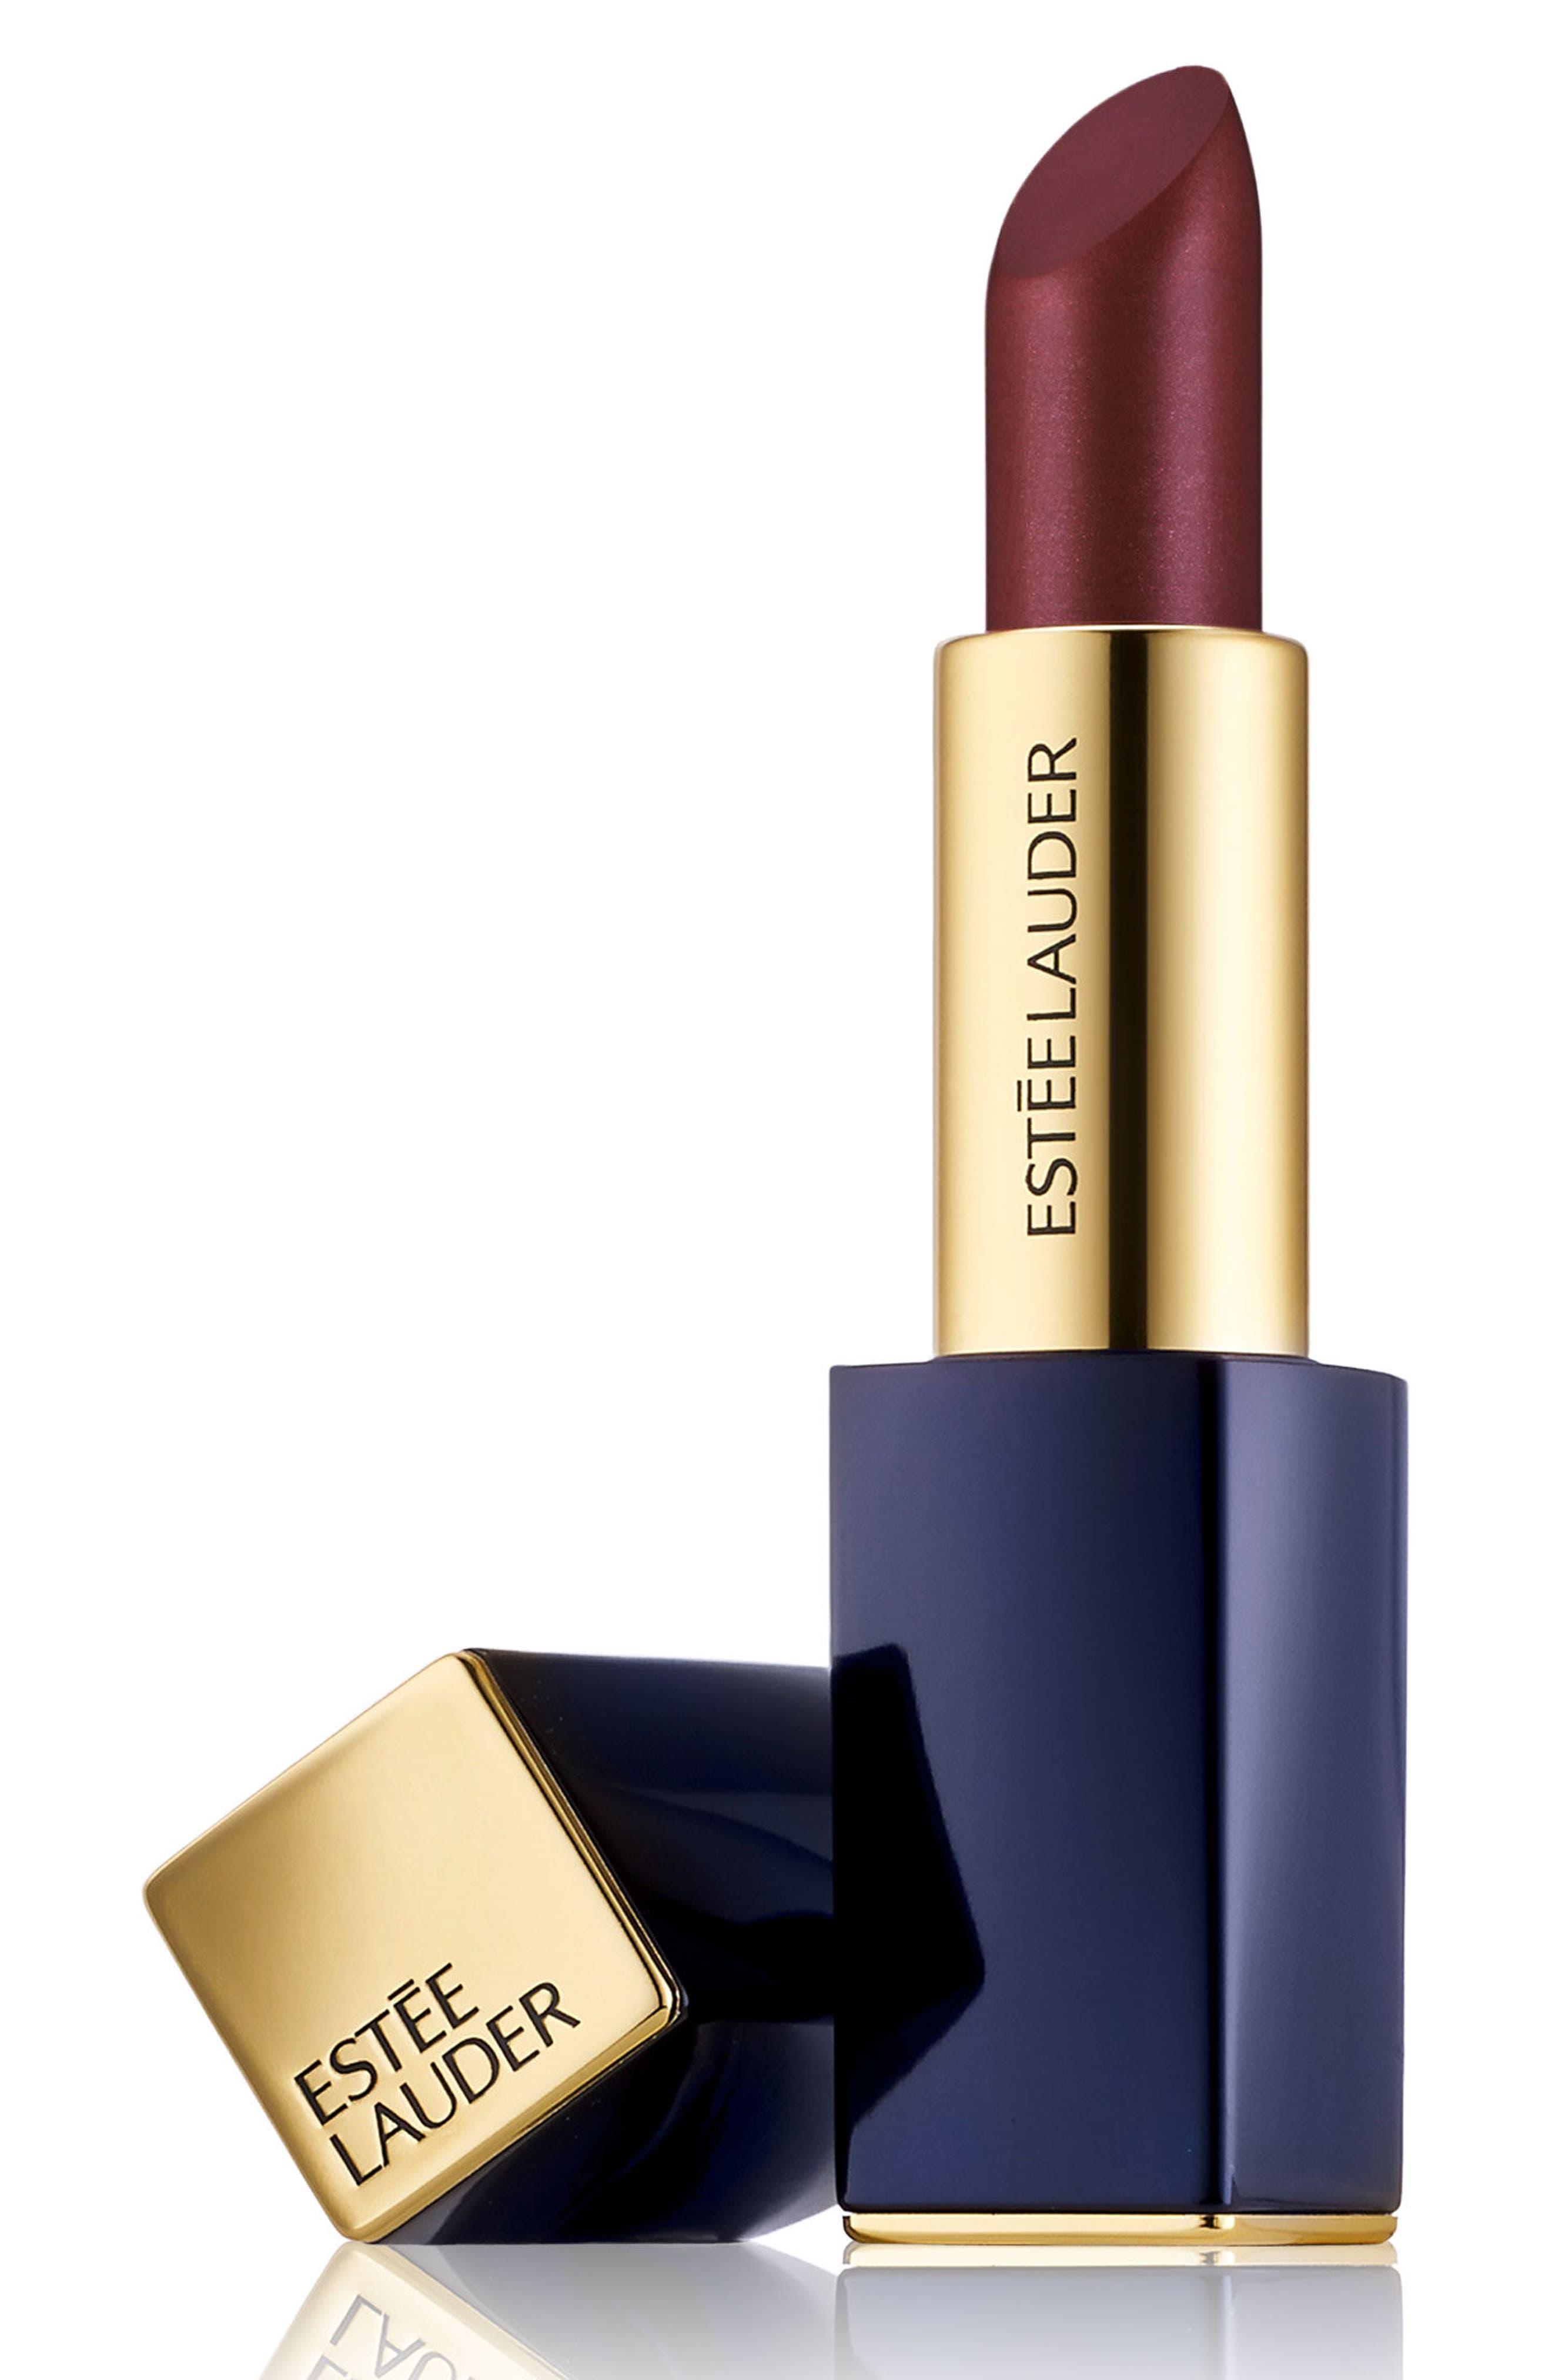 Pure Color Envy Metallic Matte Sculpting Lipstick,                         Main,                         color, 440 SMASH UP